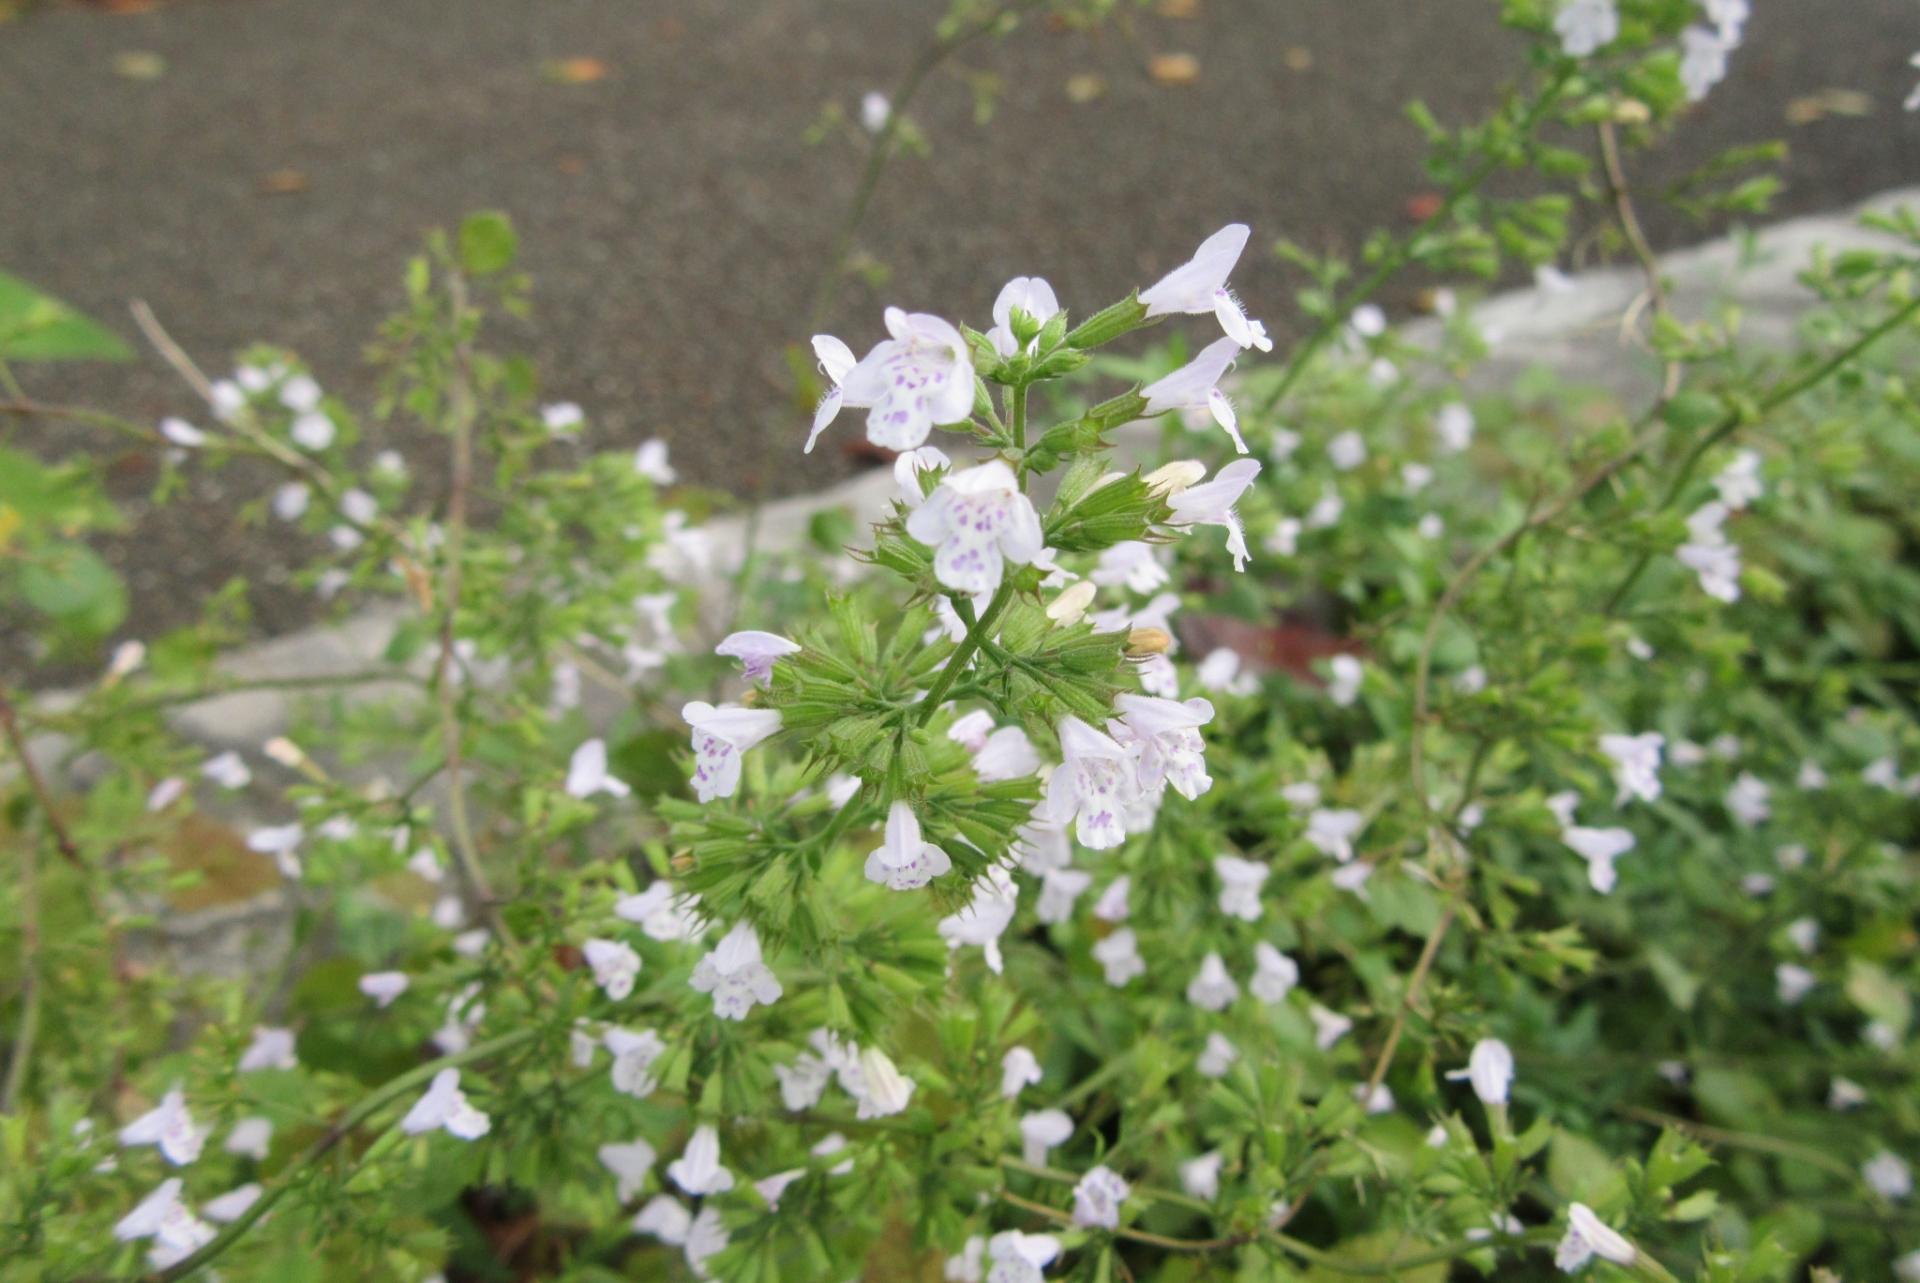 ガーデン用品屋さんの花図鑑 カラミンサ